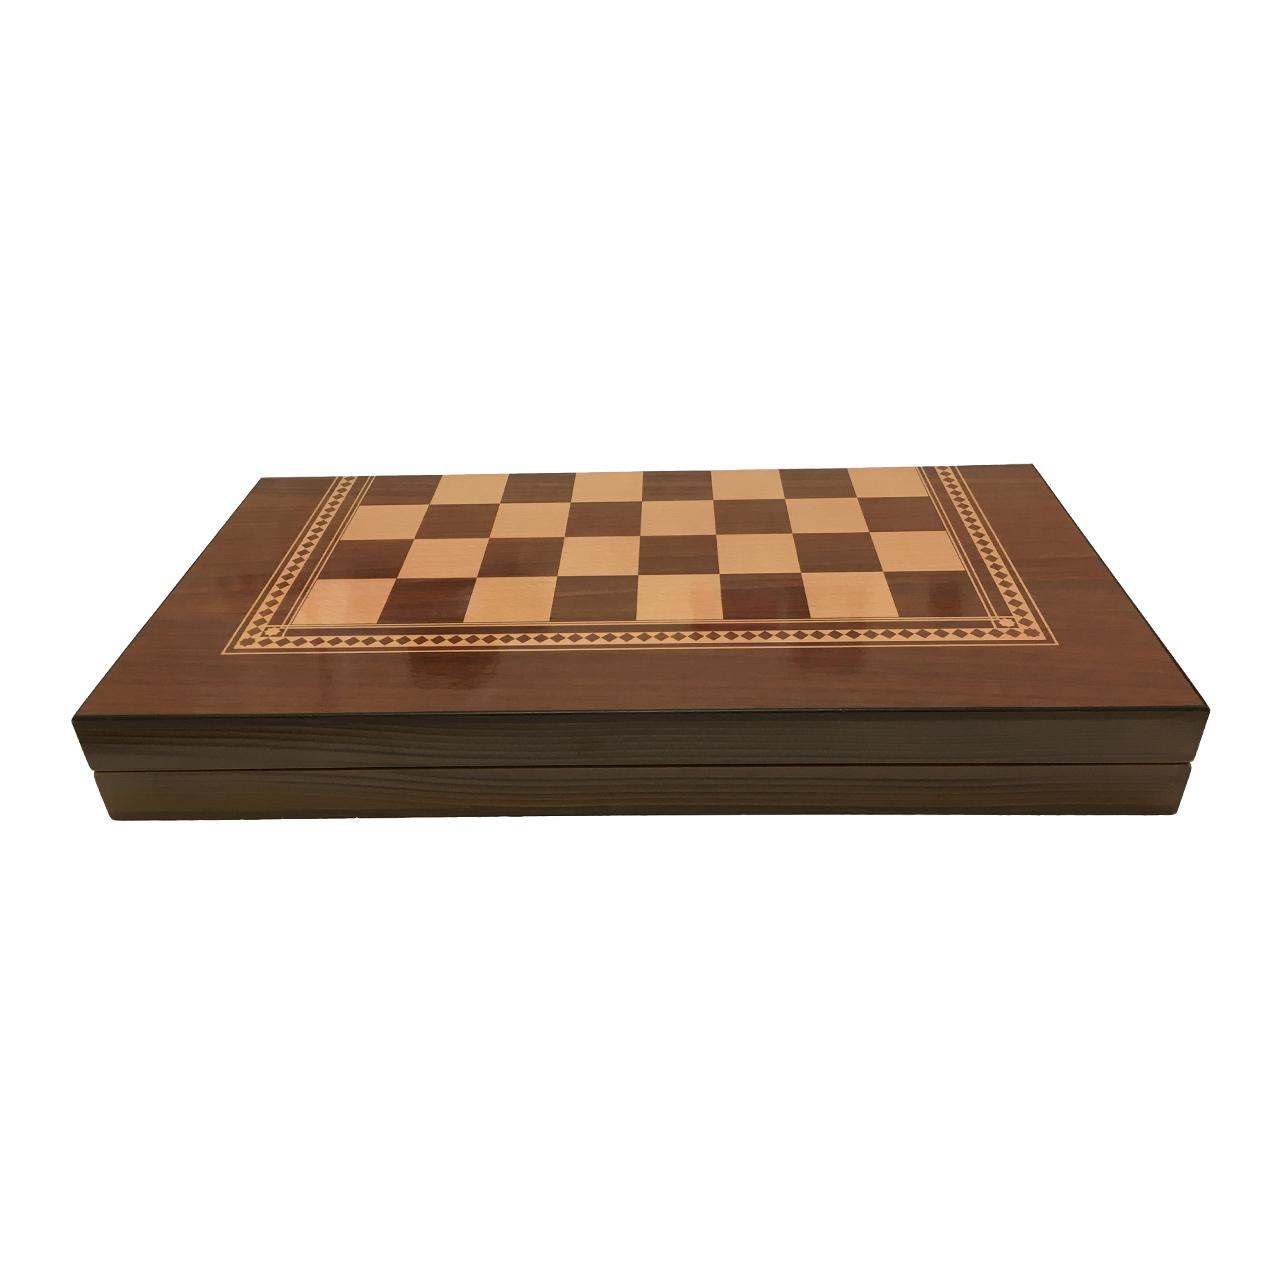 صفحه شطرنج و تخته نرد آرونی طرح کلاسیک طول 50 سانتی متر